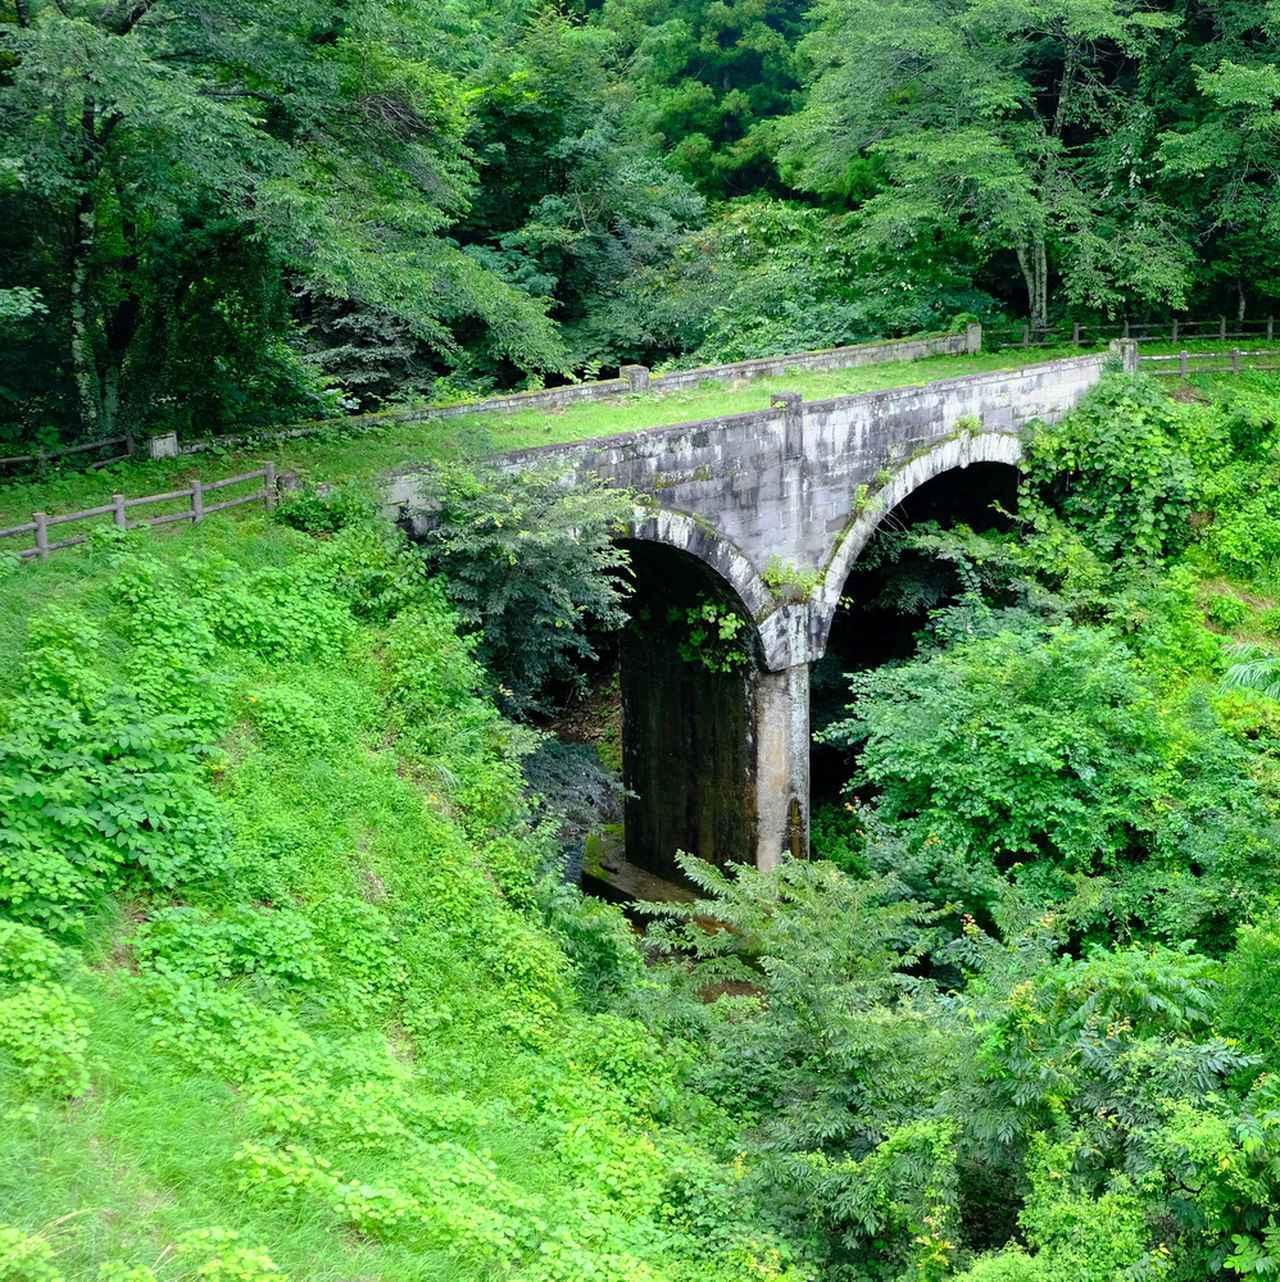 画像: かつて使われていた石橋。旧道だったそうですが、今はすっかり自然に溶け込んでいます。